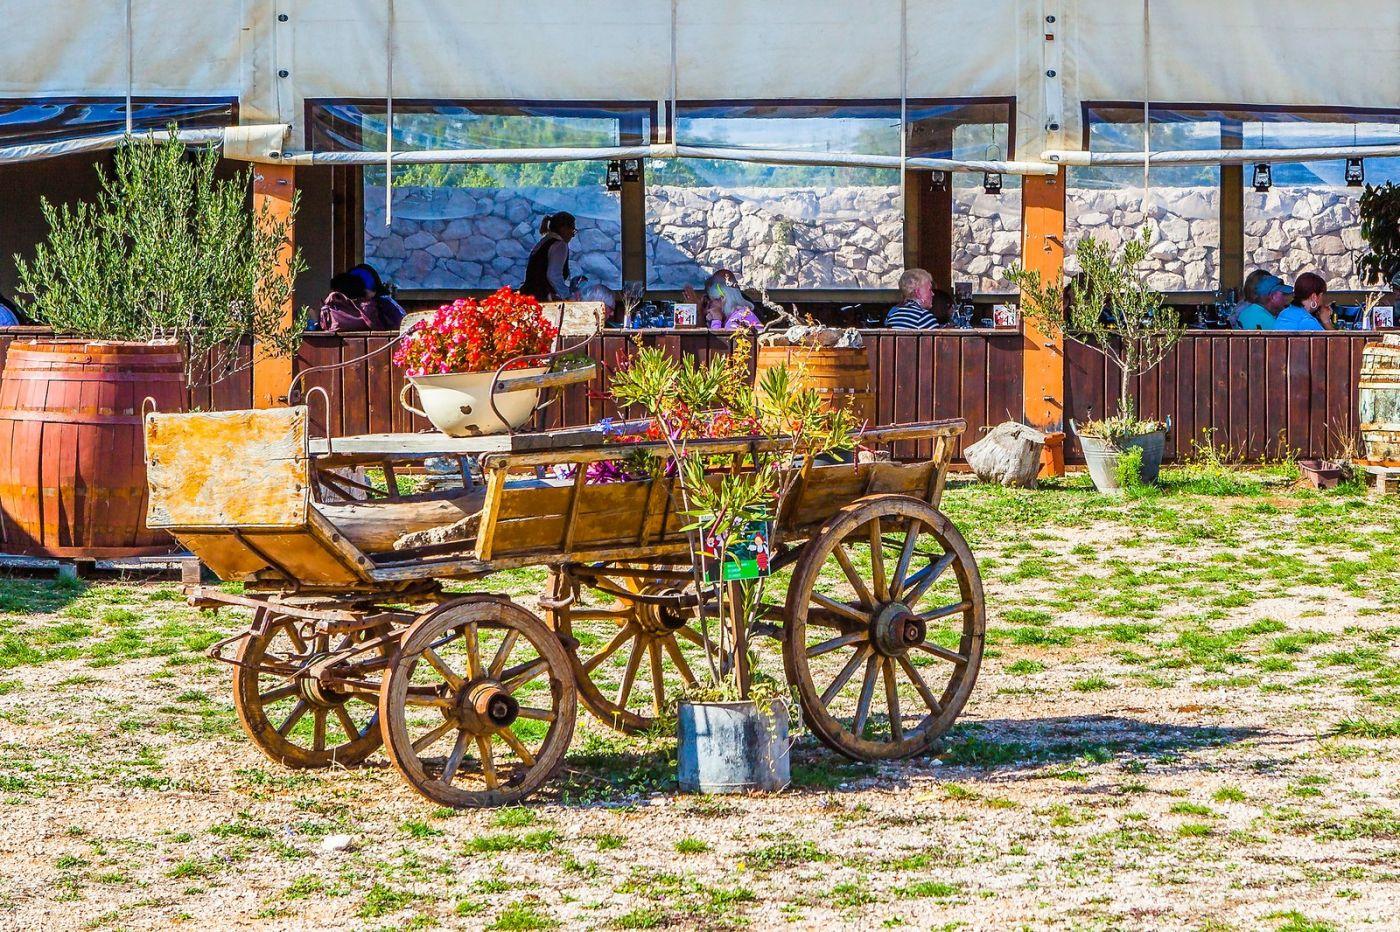 克罗地亚达尔马提亚村,独特的地域风貌_图1-30